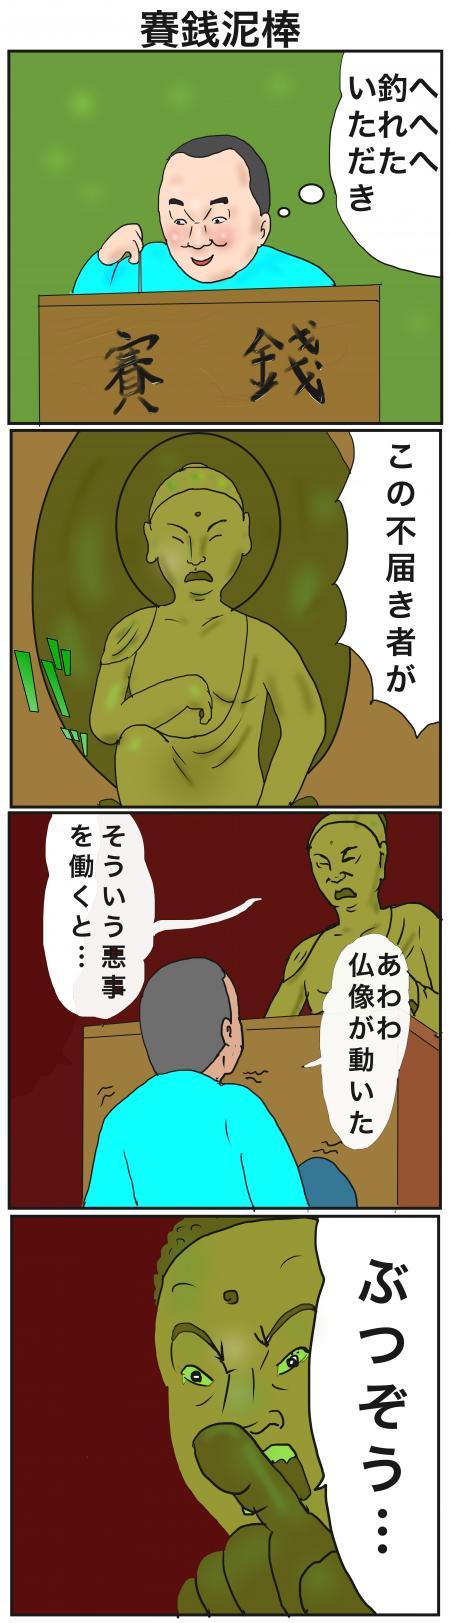 仏像2+のコピー_convert_20150729203129